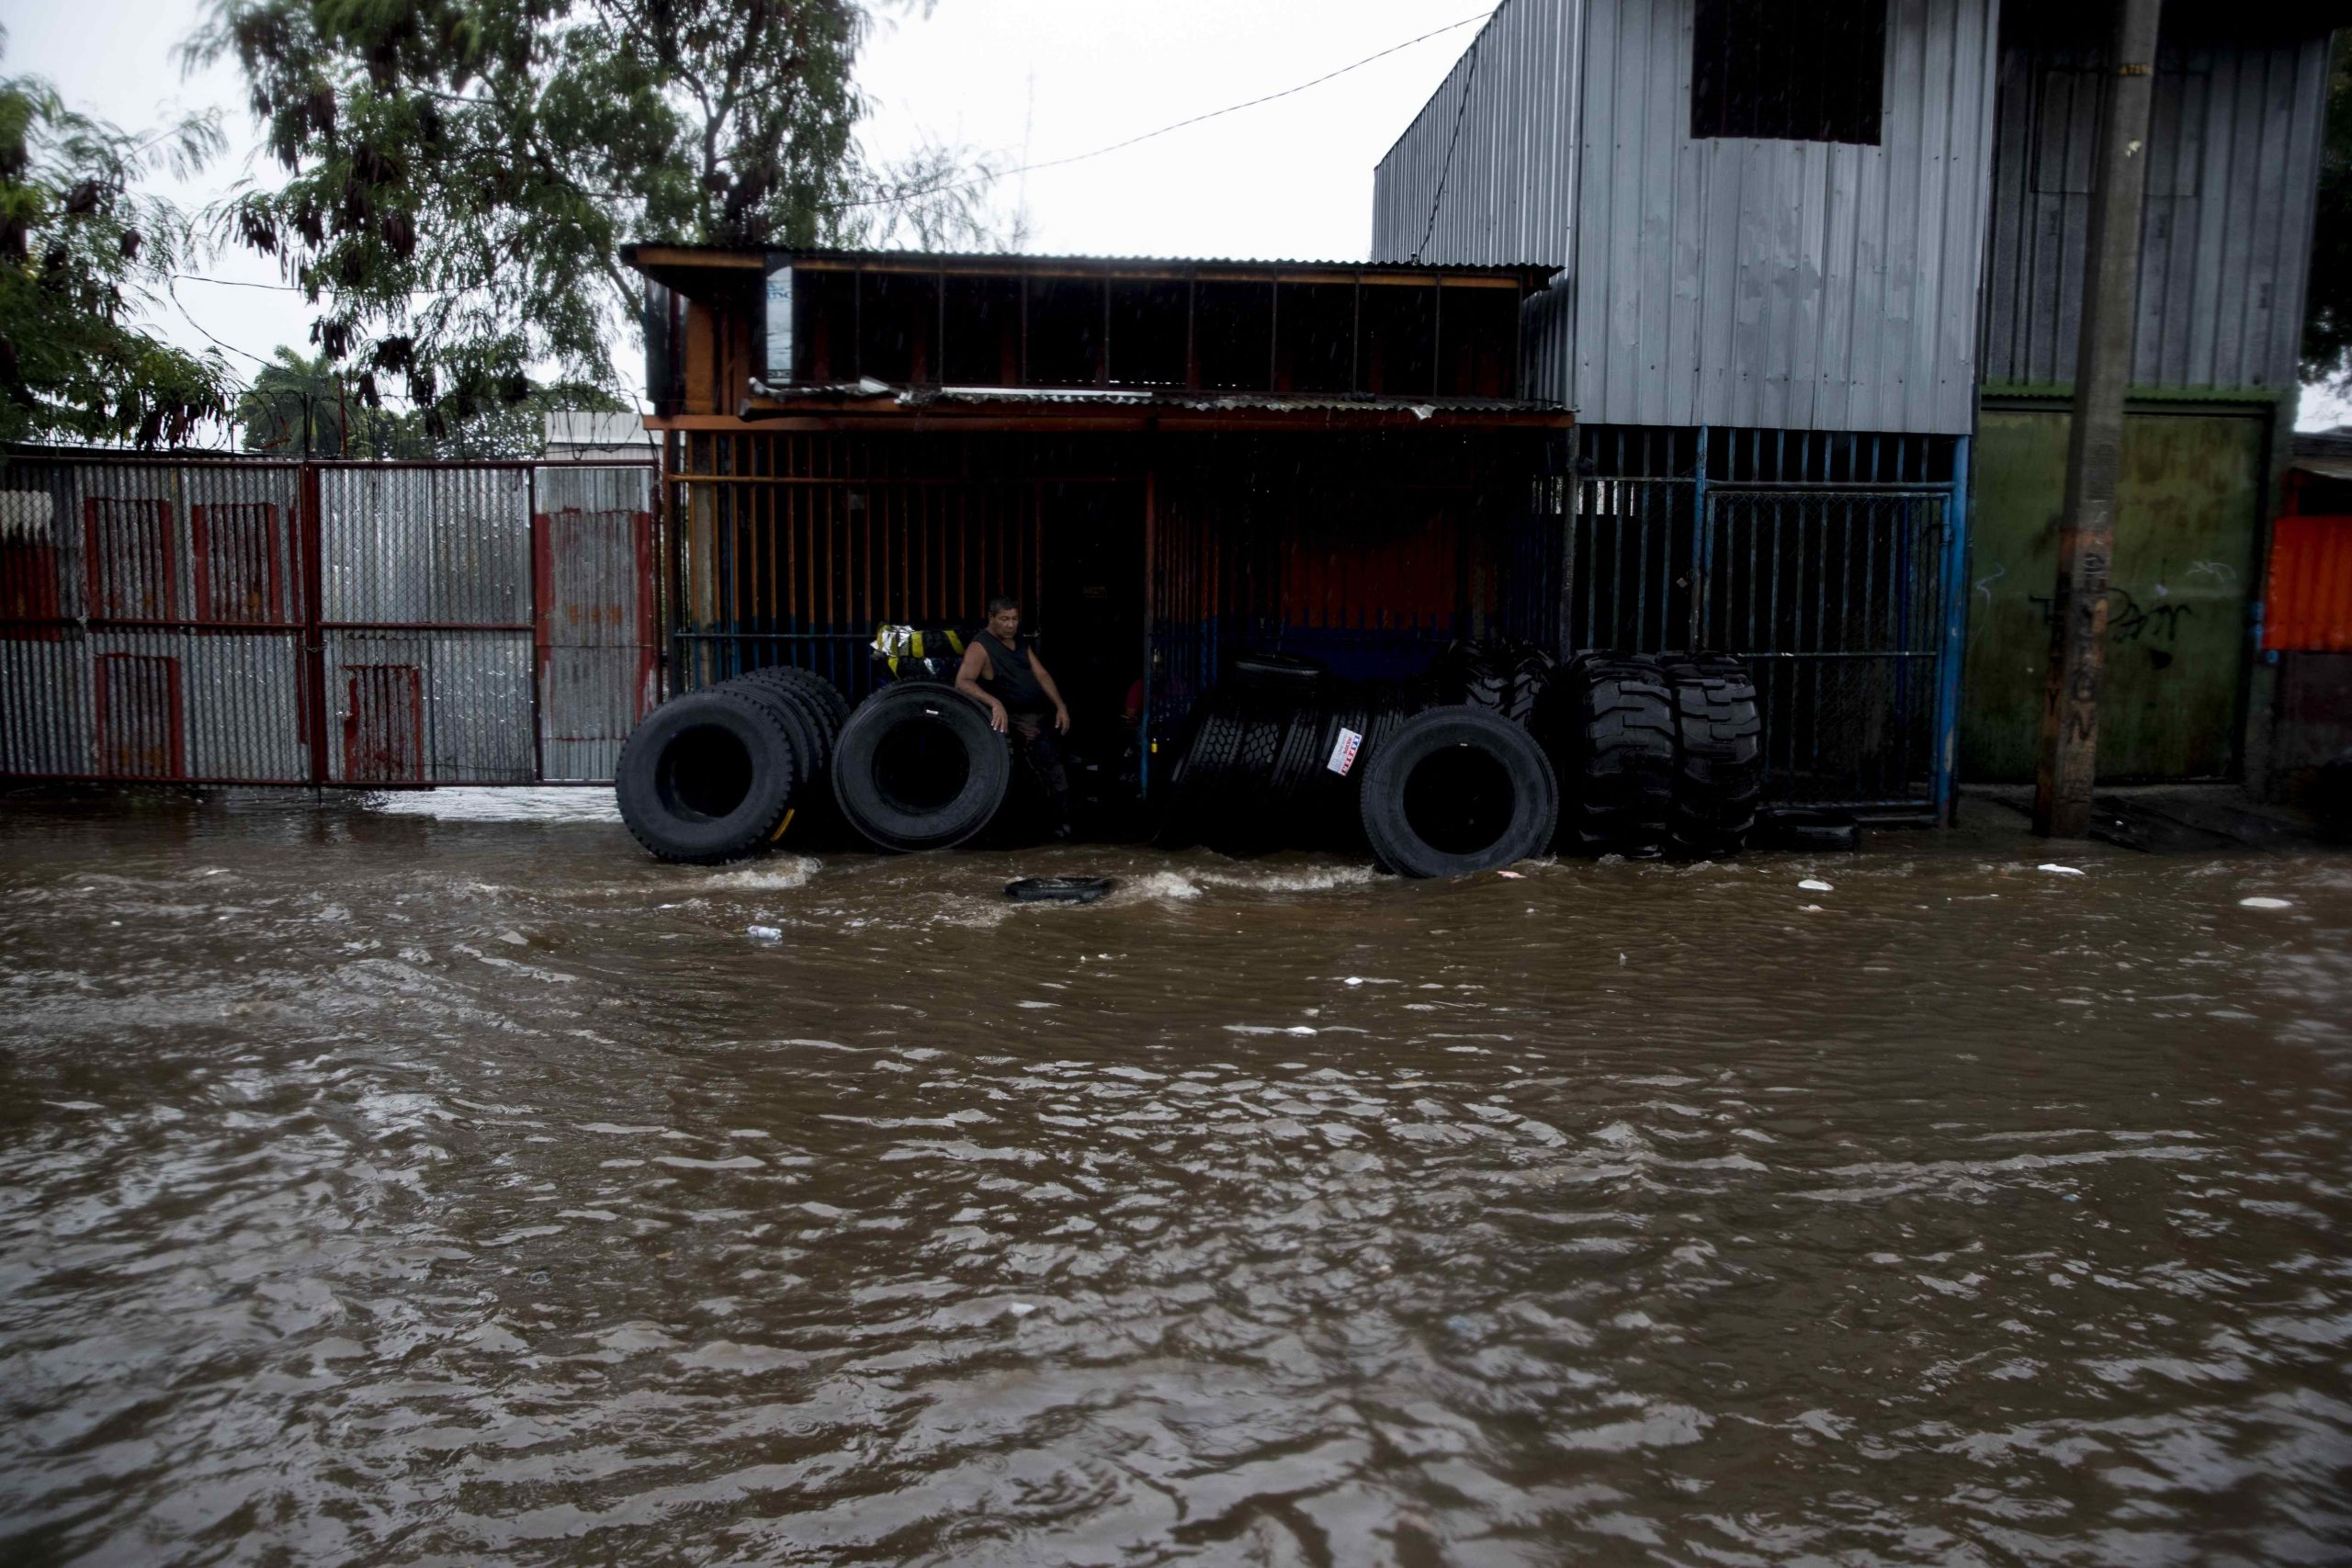 Las lluvias dejan 31 muertos y dos desaparecidos en Guatemala en 2021 - Prensa Libre